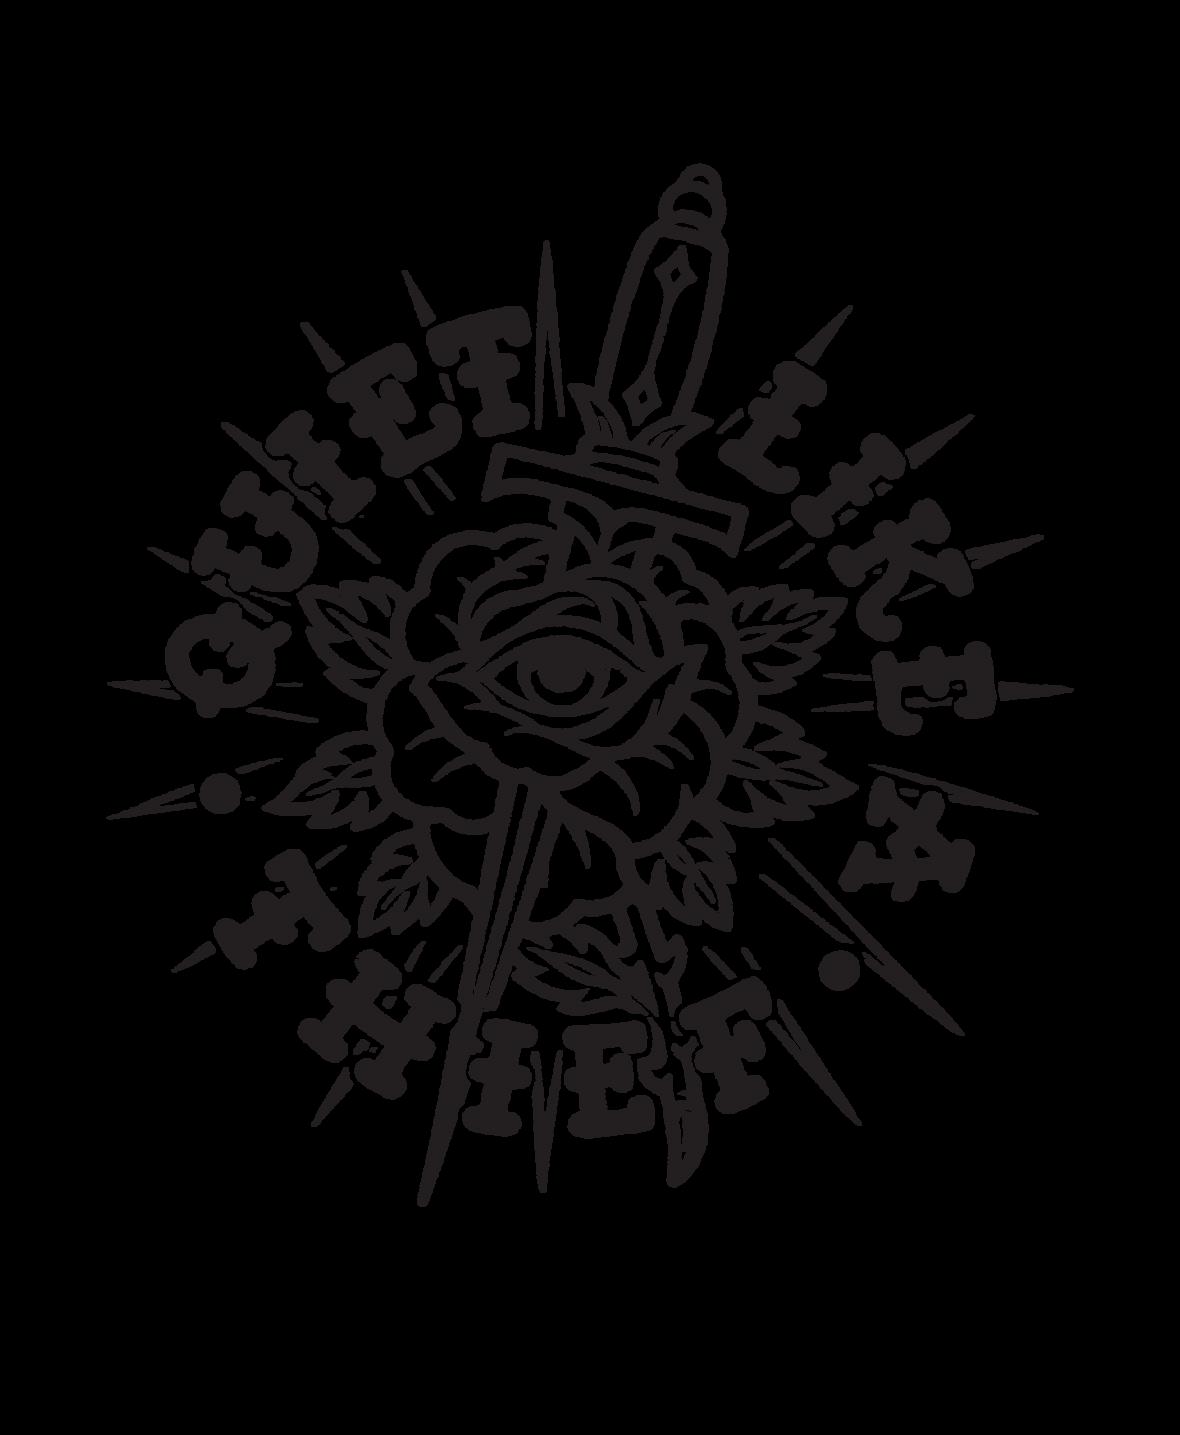 alexkouvaris logo on white